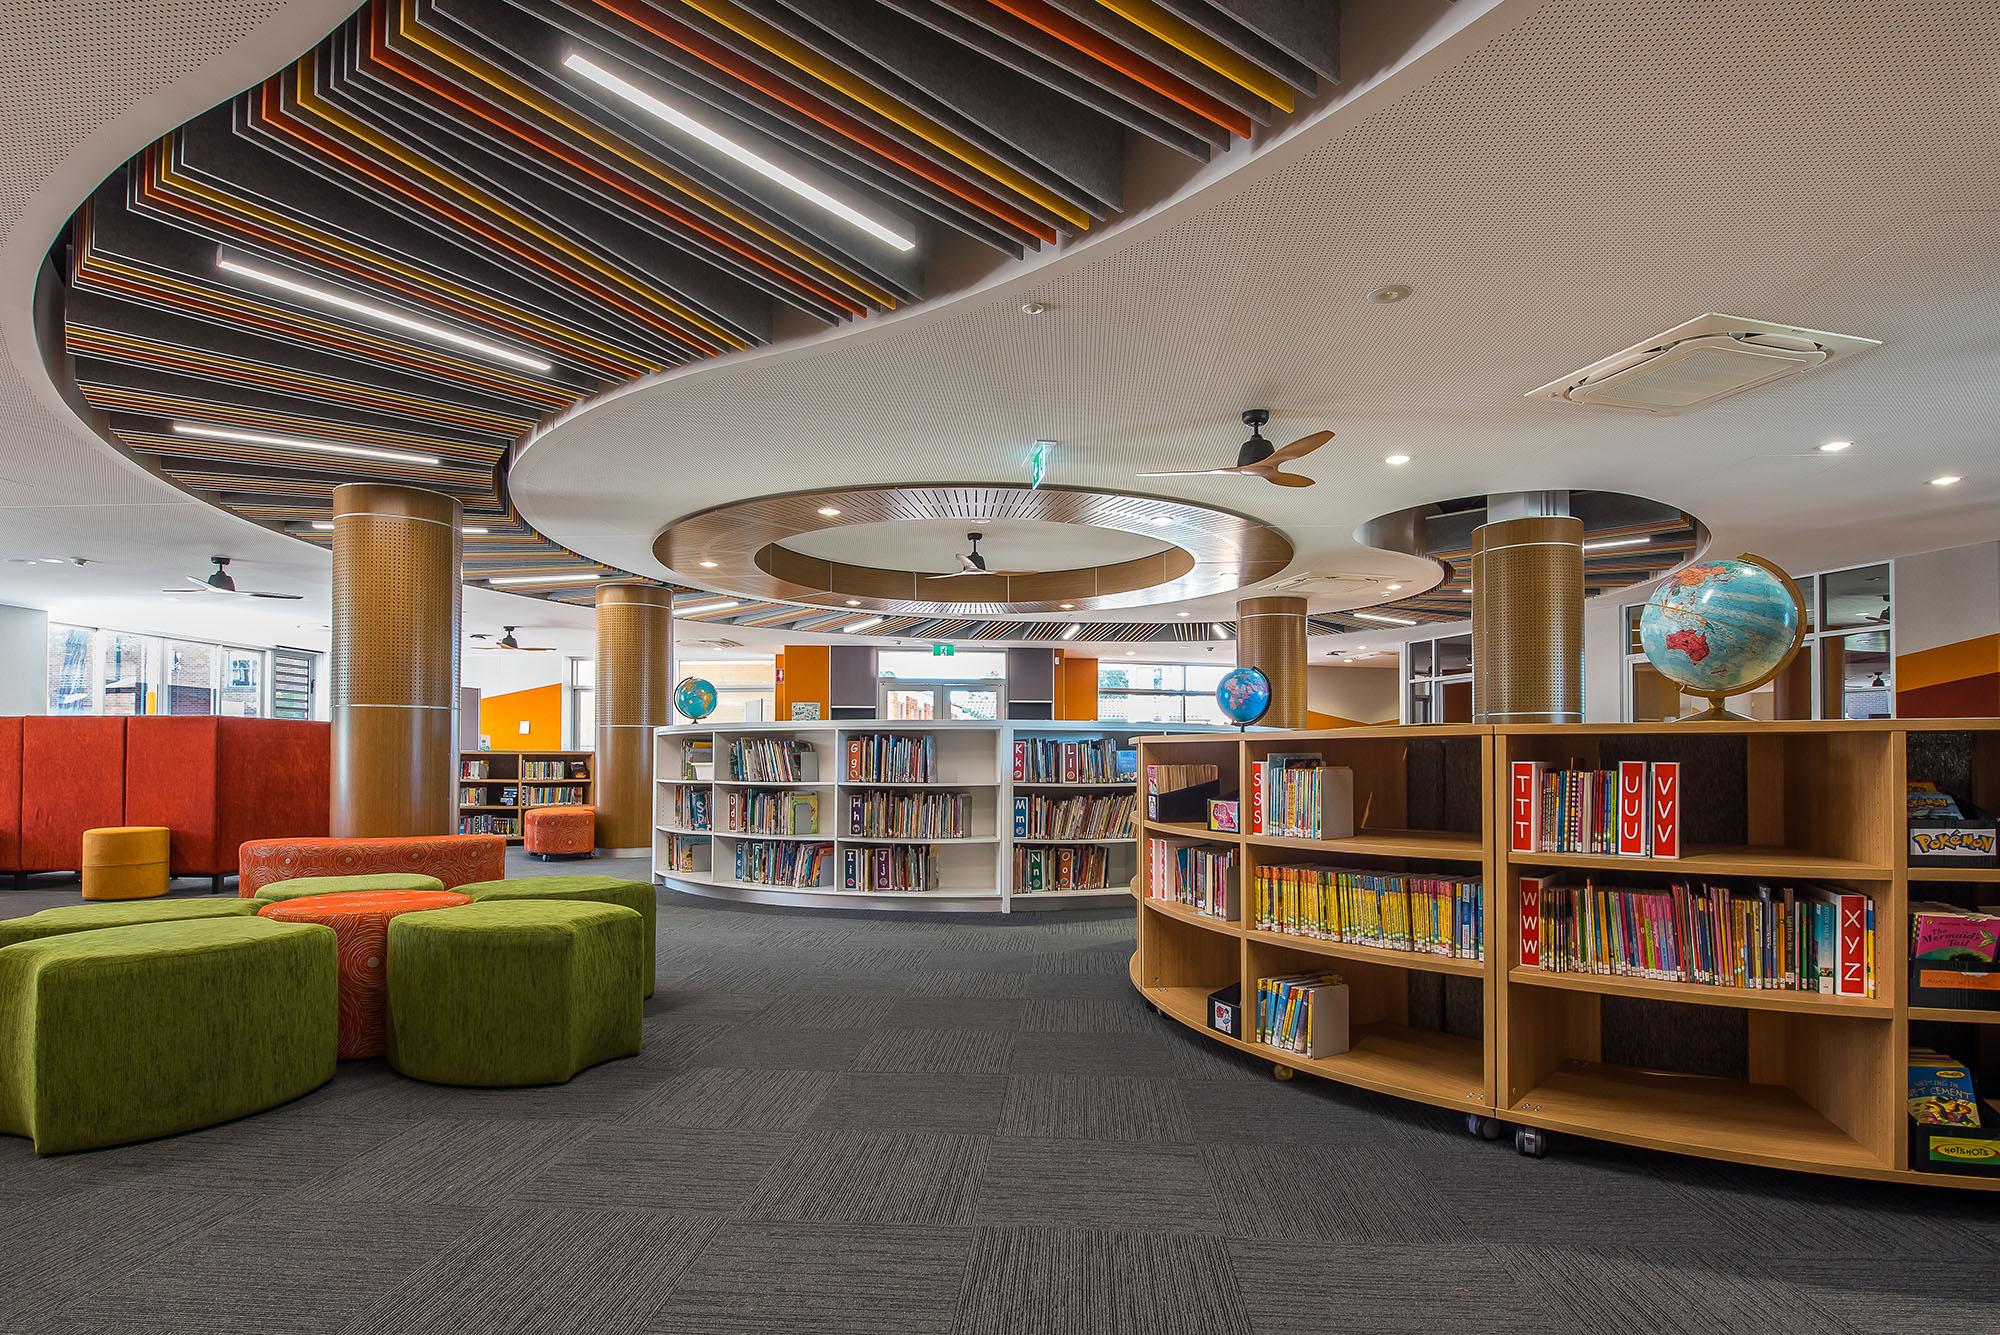 Excelsior Public School Architecture Interior View – Gardner Wetherill GW 5